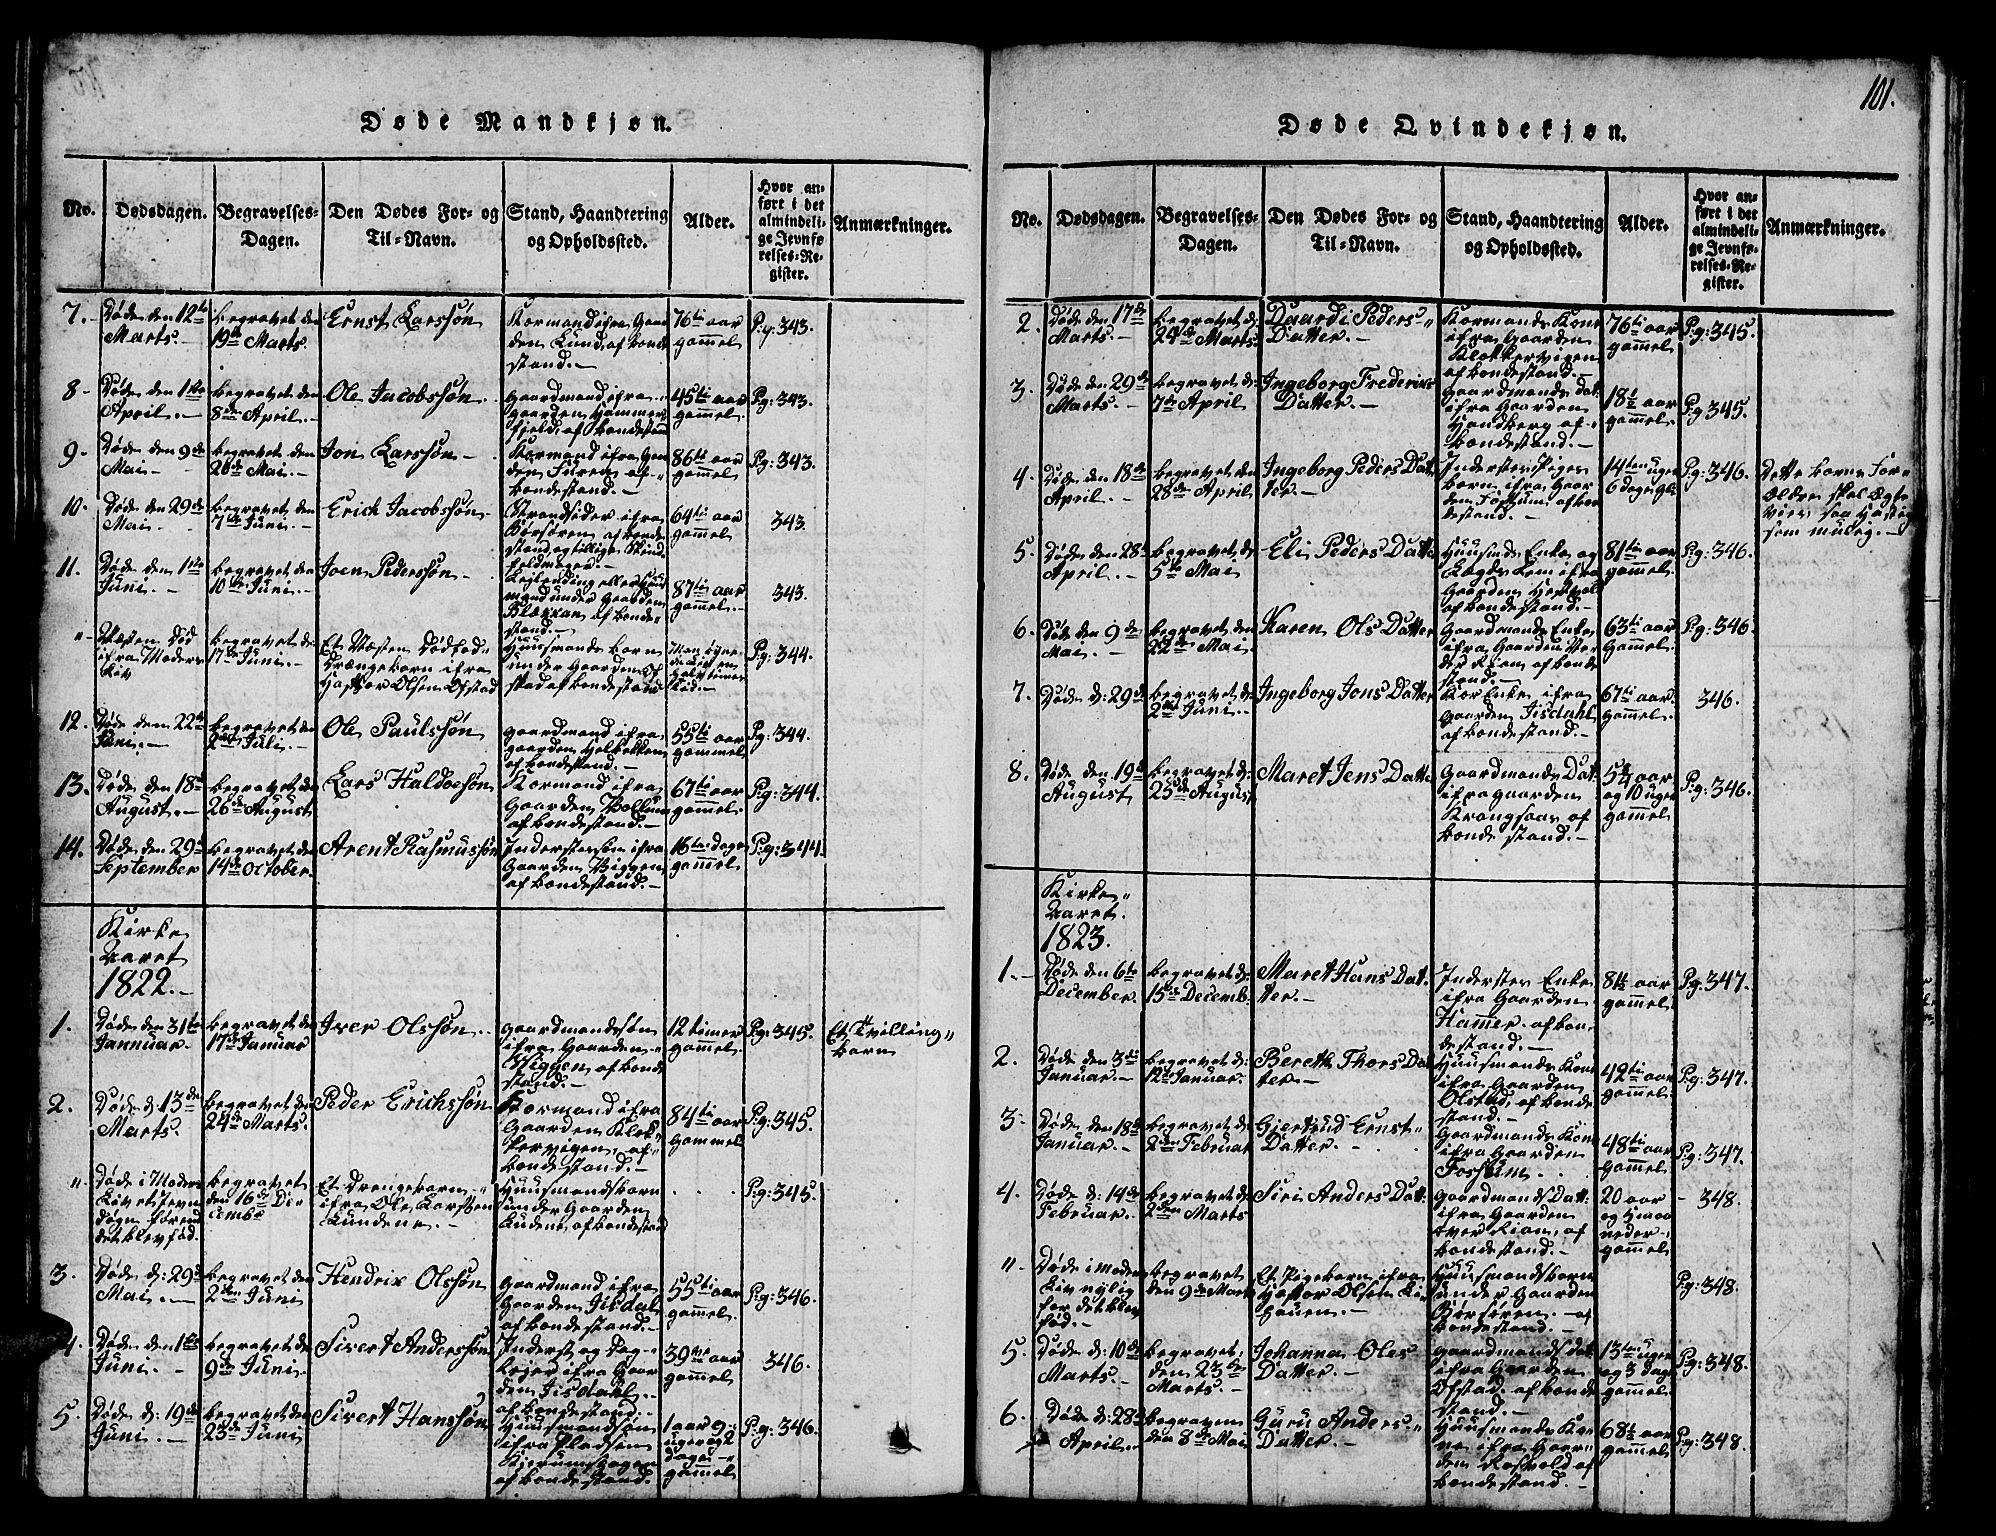 SAT, Ministerialprotokoller, klokkerbøker og fødselsregistre - Sør-Trøndelag, 665/L0776: Klokkerbok nr. 665C01, 1817-1837, s. 101